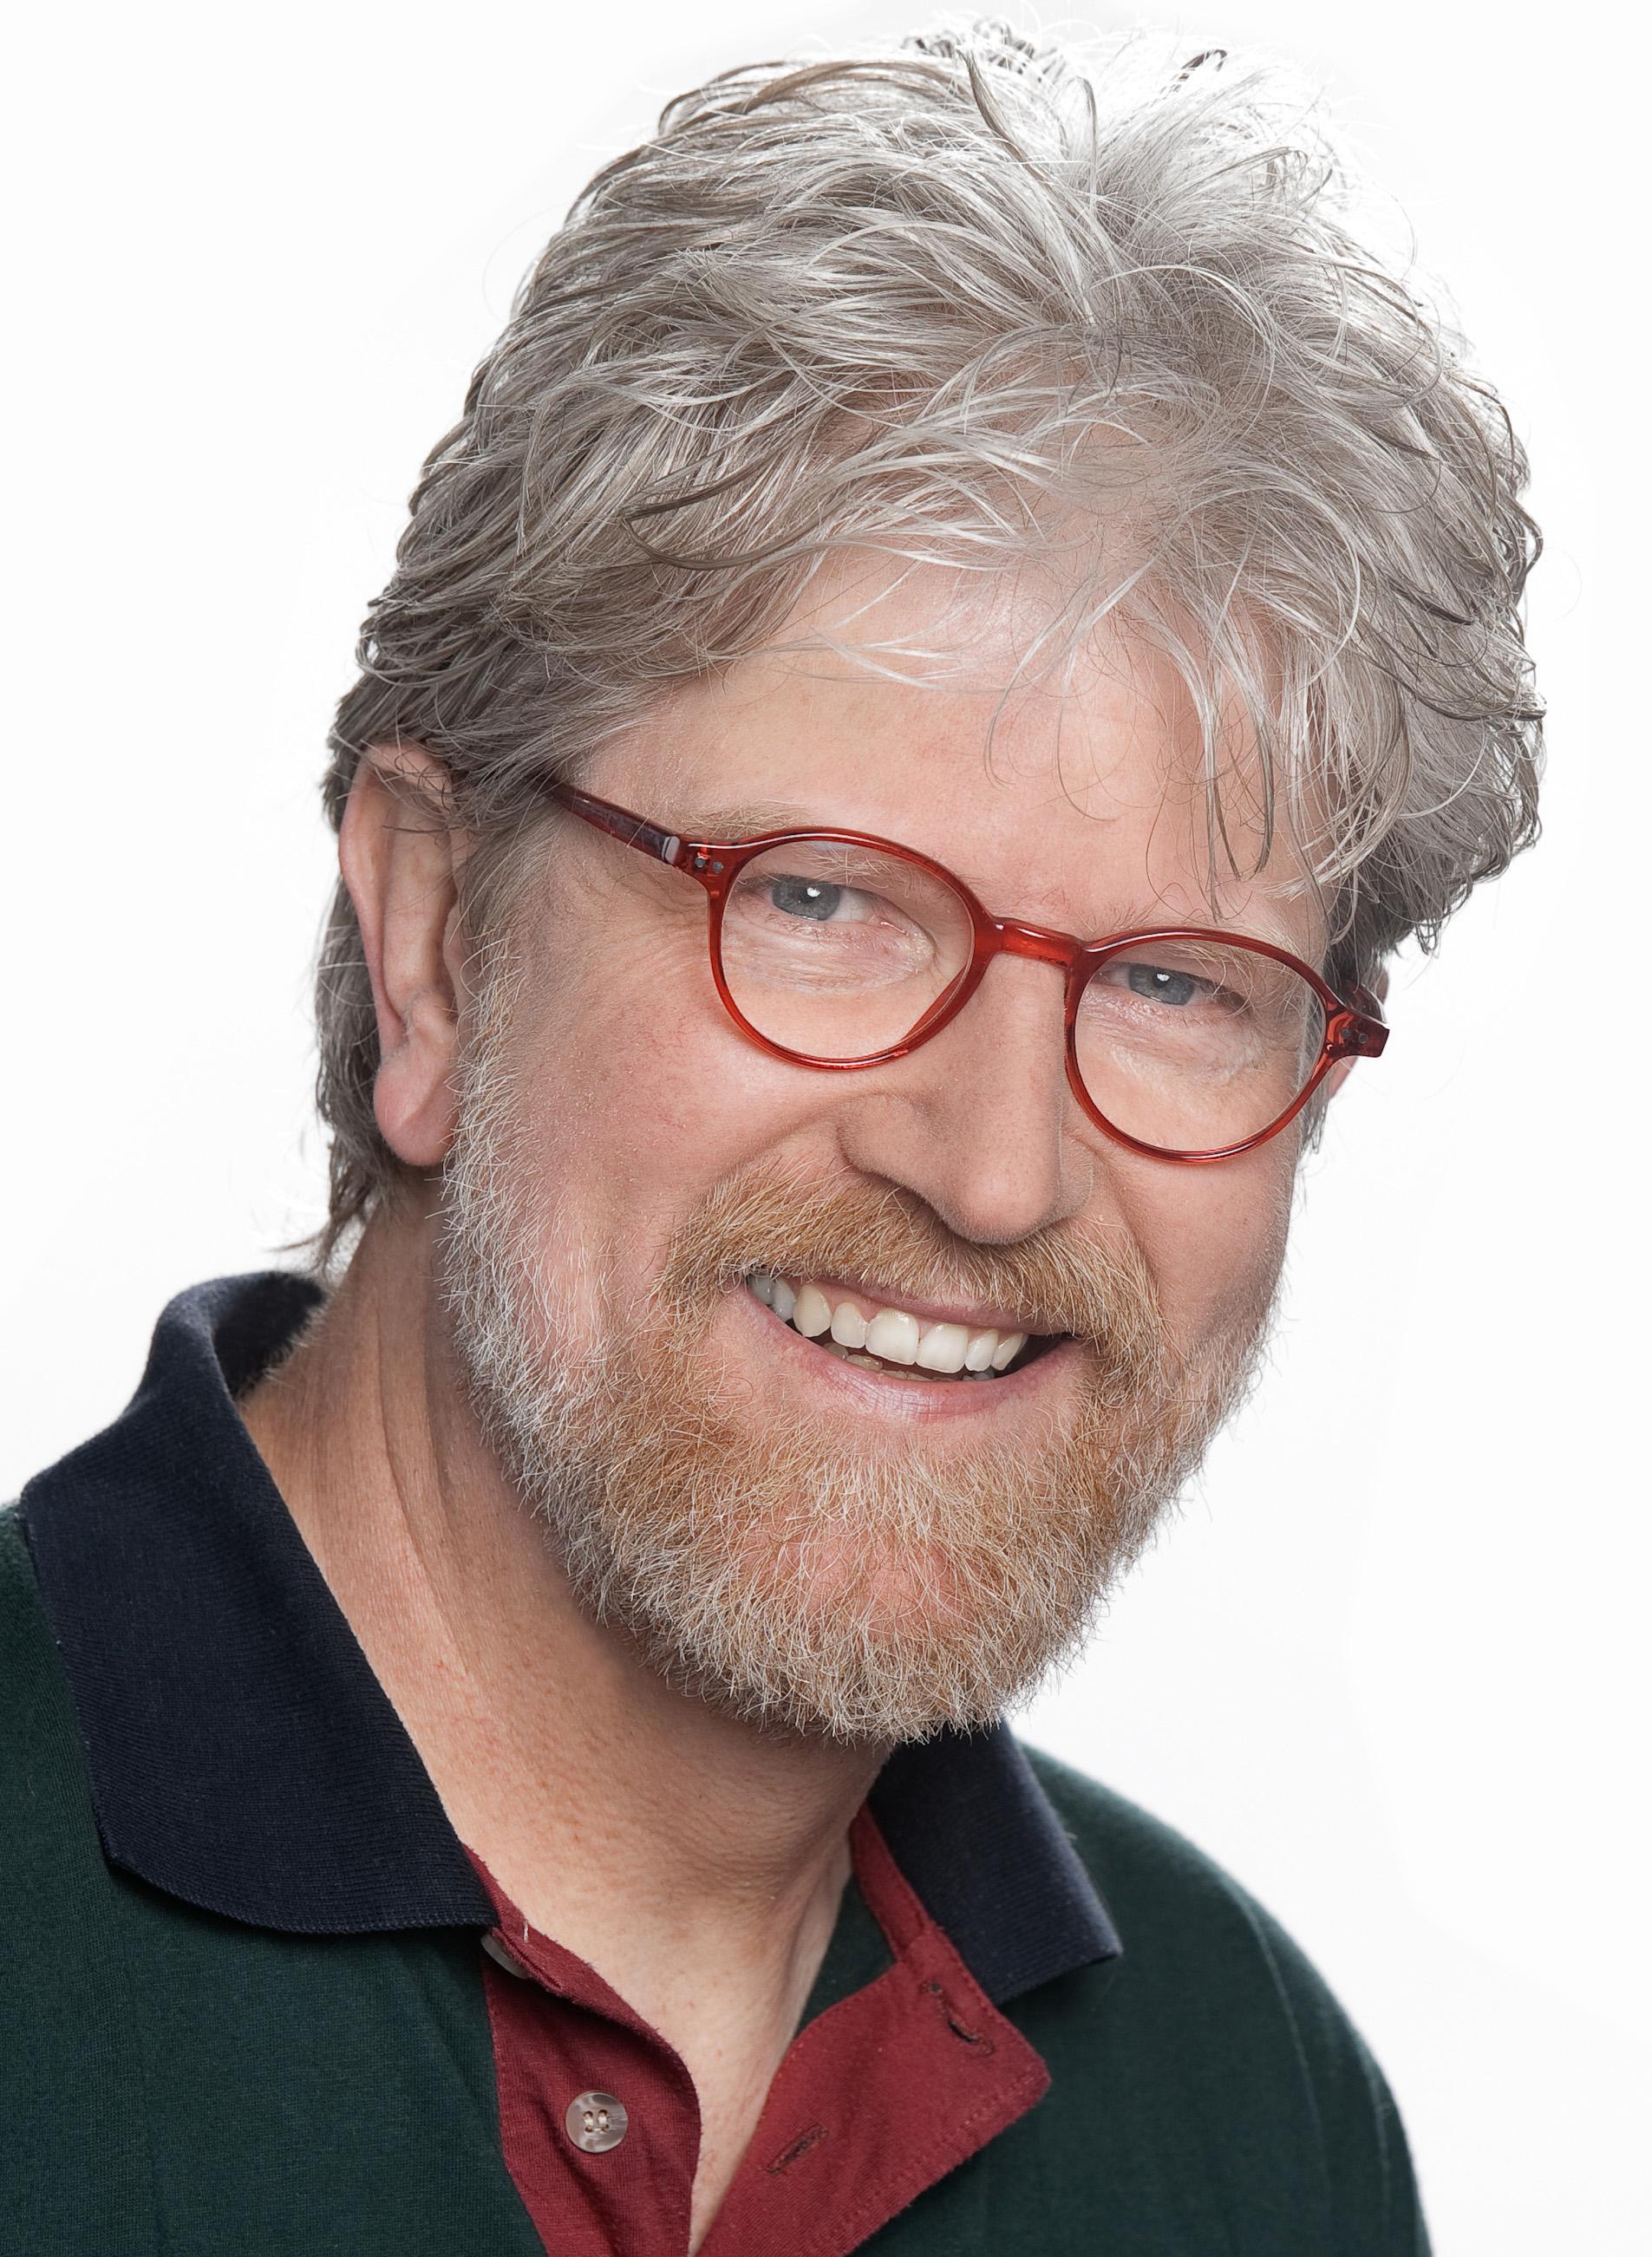 Peter Ischka